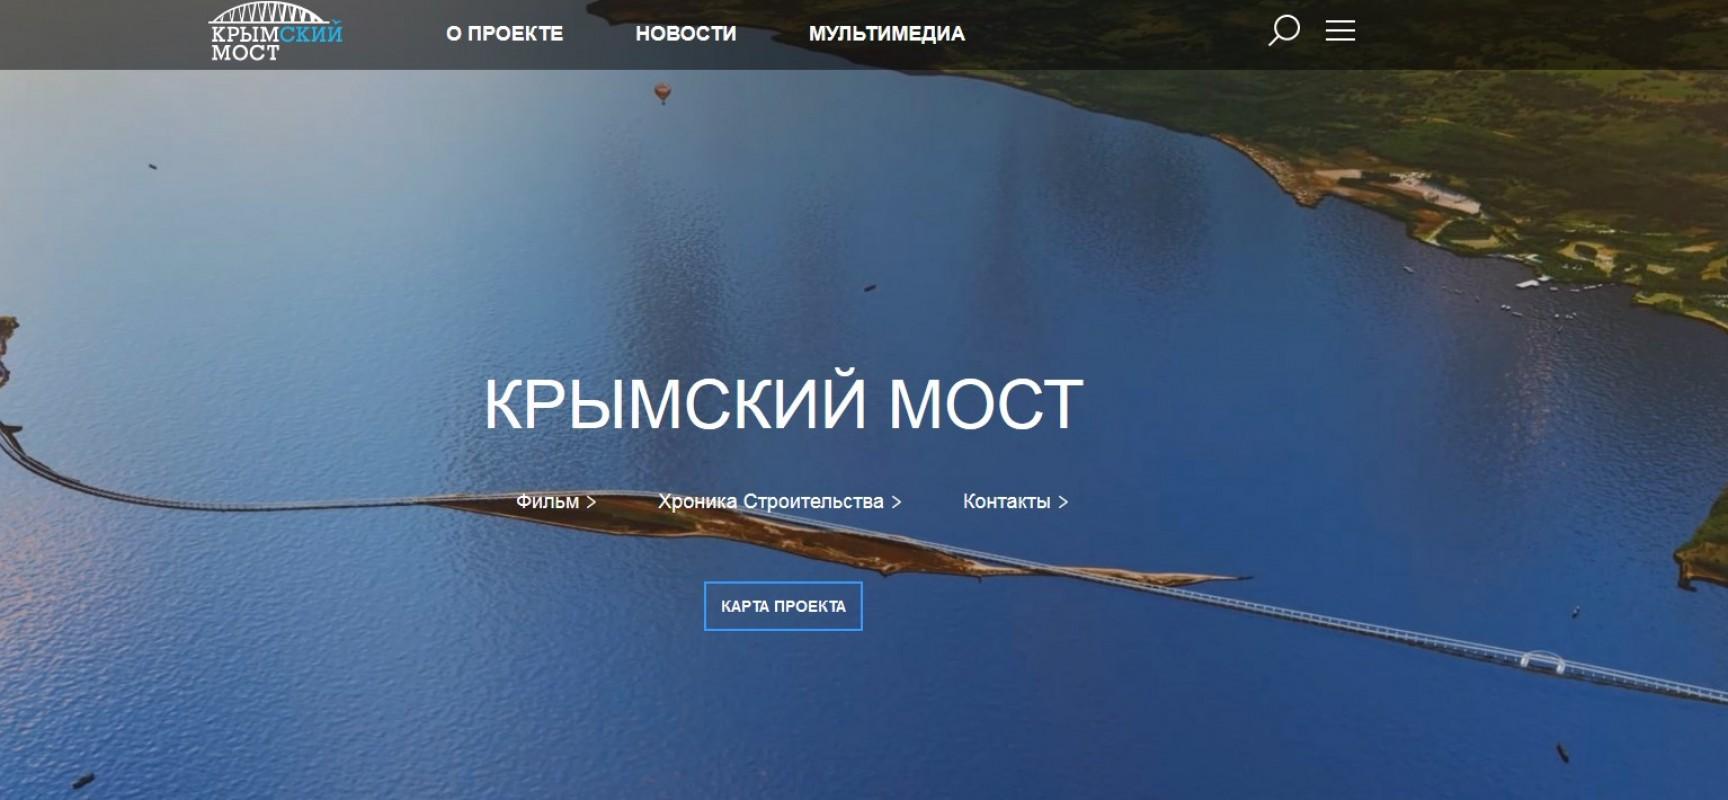 Создан официальный сайт строительства моста через Керченский пролив